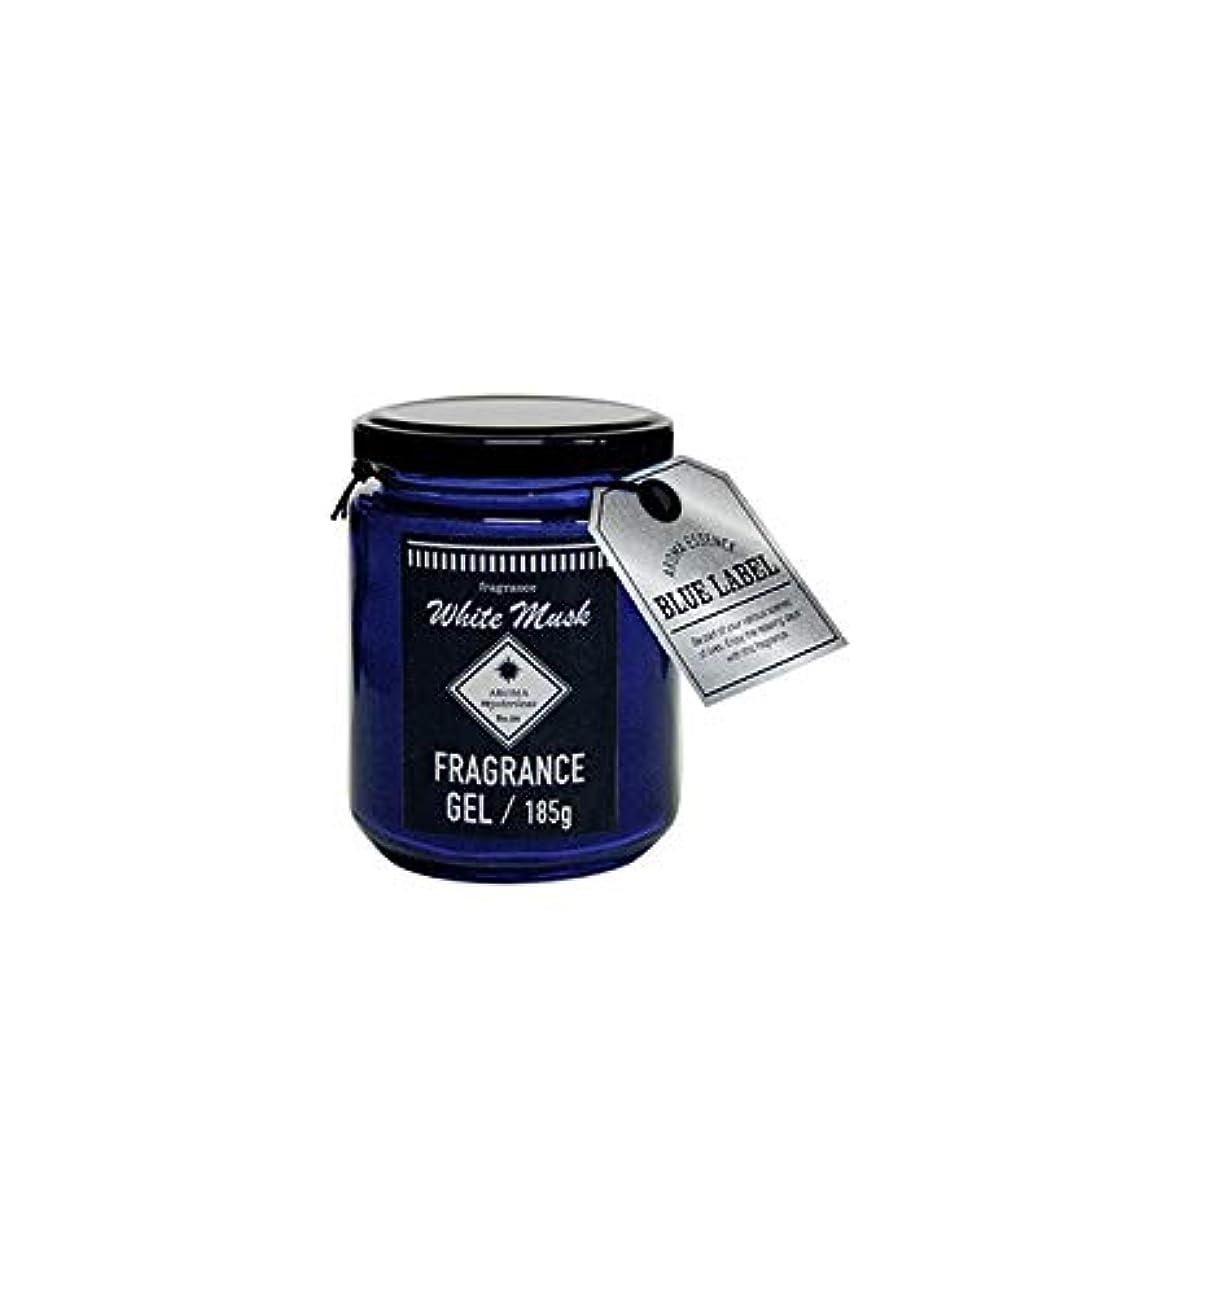 虚栄心仕えるマイコンブルーラベル ブルー フレグランスジェル185g ホワイトムスク(消臭除菌 日本製 誰もが好む香り)